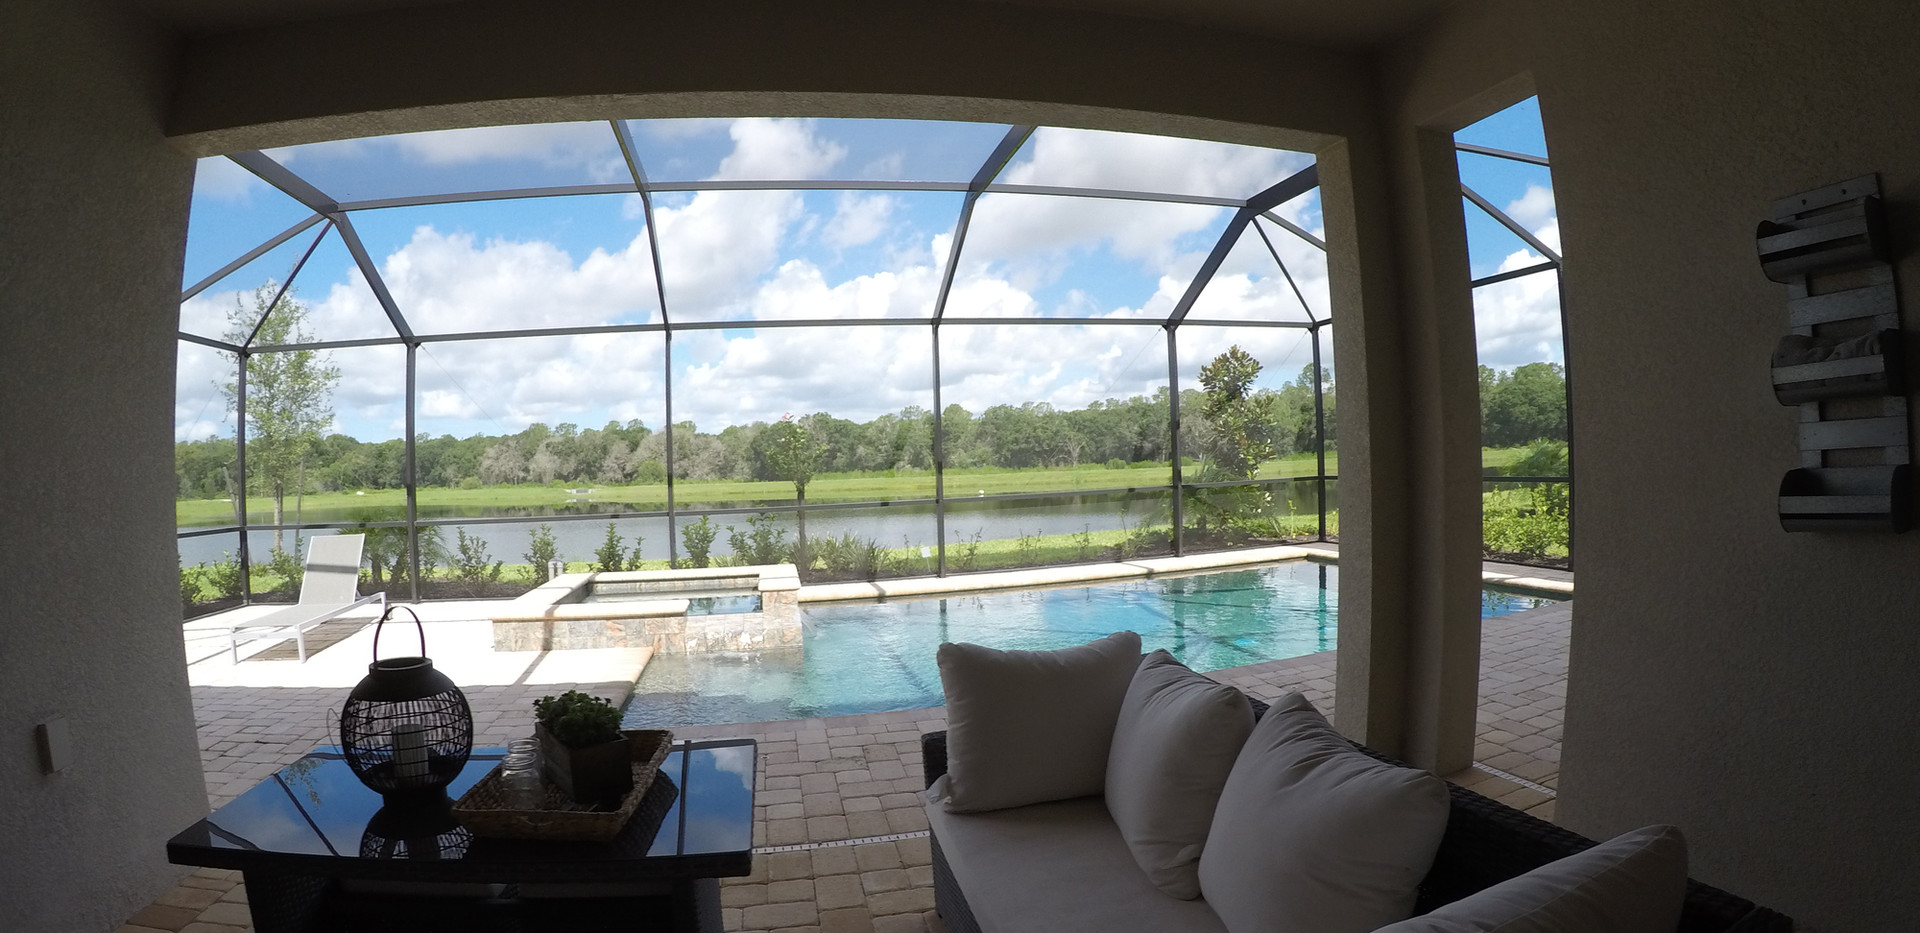 Model home pool in Polo Run